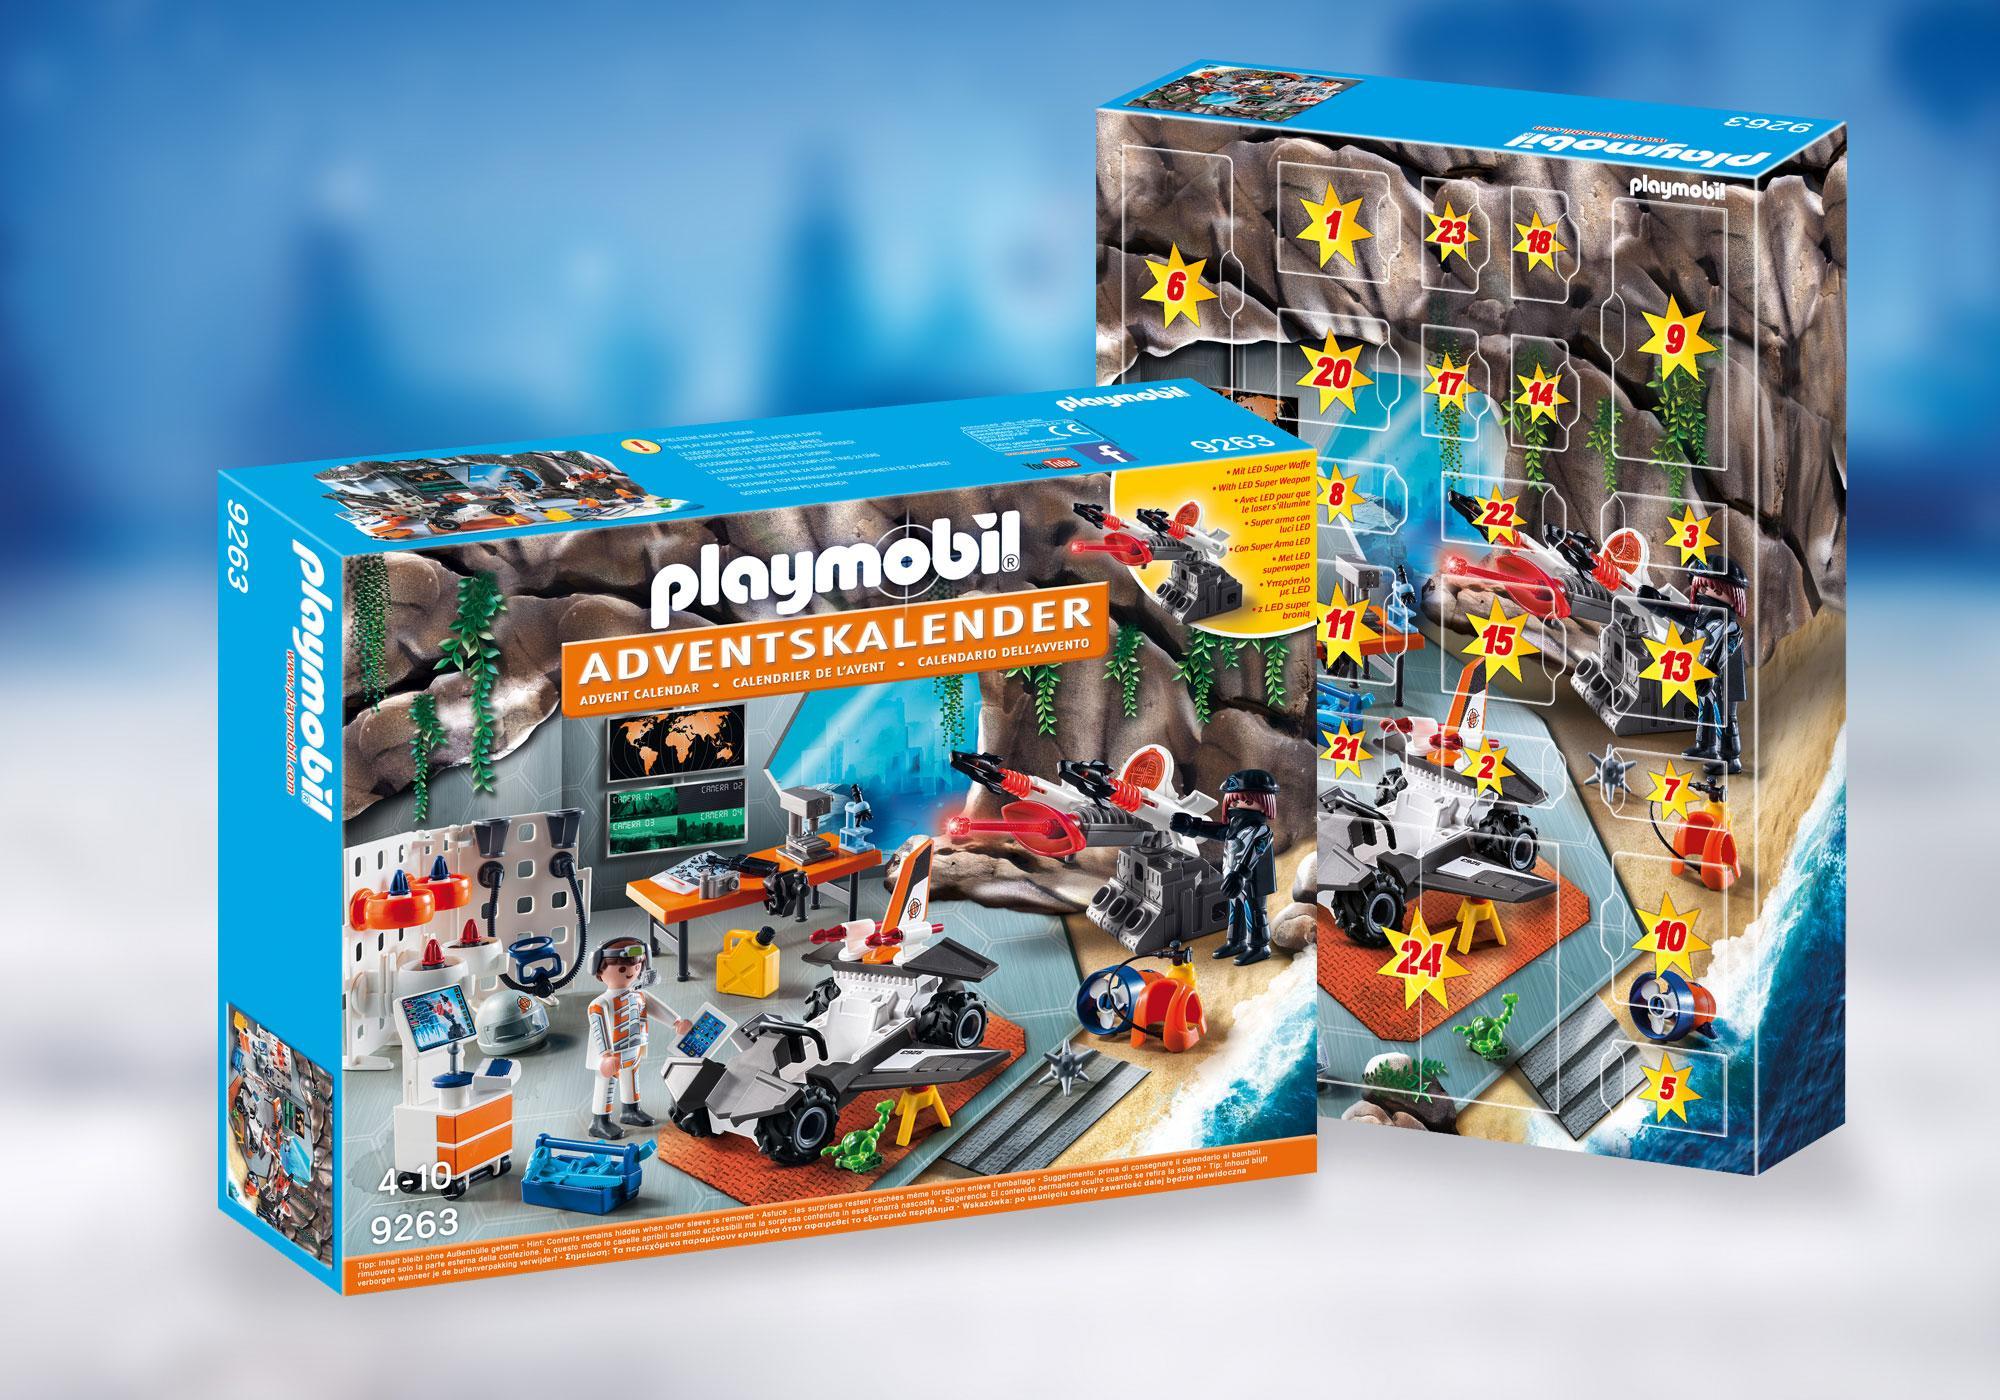 """http://media.playmobil.com/i/playmobil/9263_product_detail/Adventskalender """"Spy Team Werkstatt"""""""